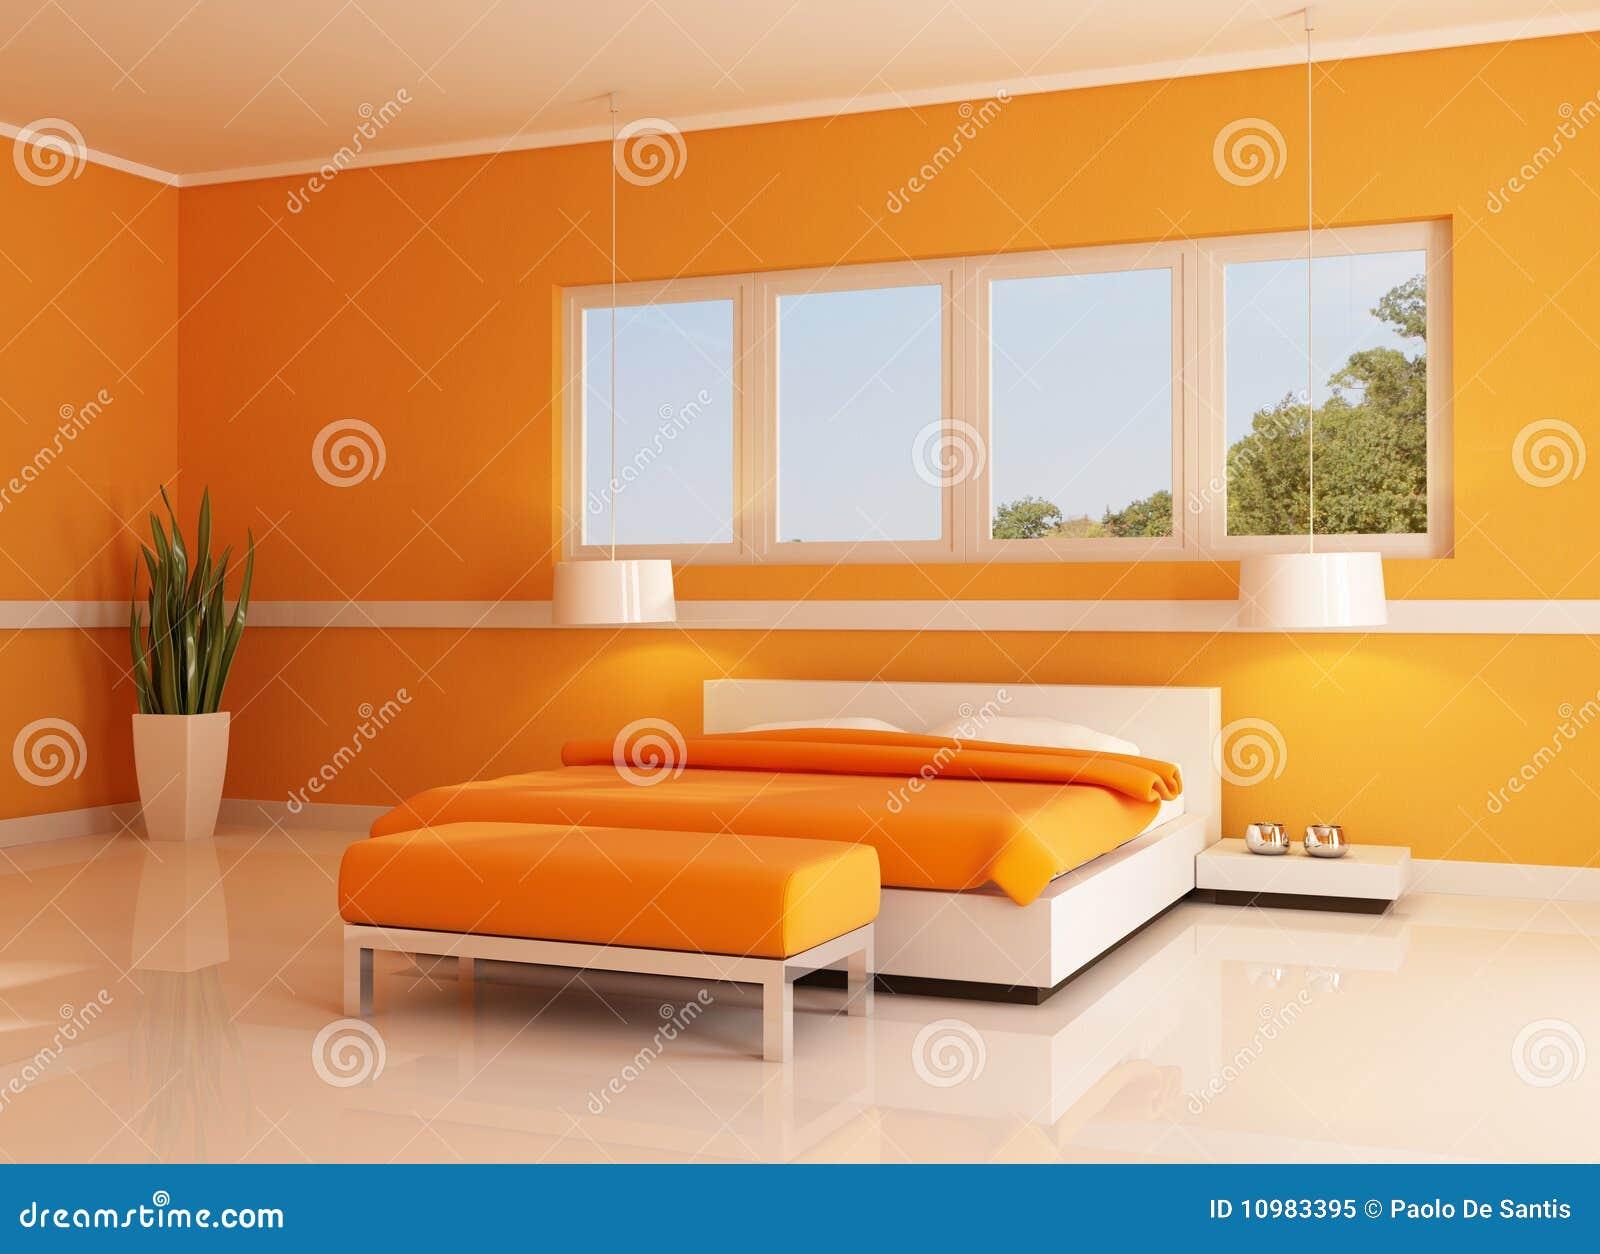 modernes orange schlafzimmer lizenzfreies stockfoto bild